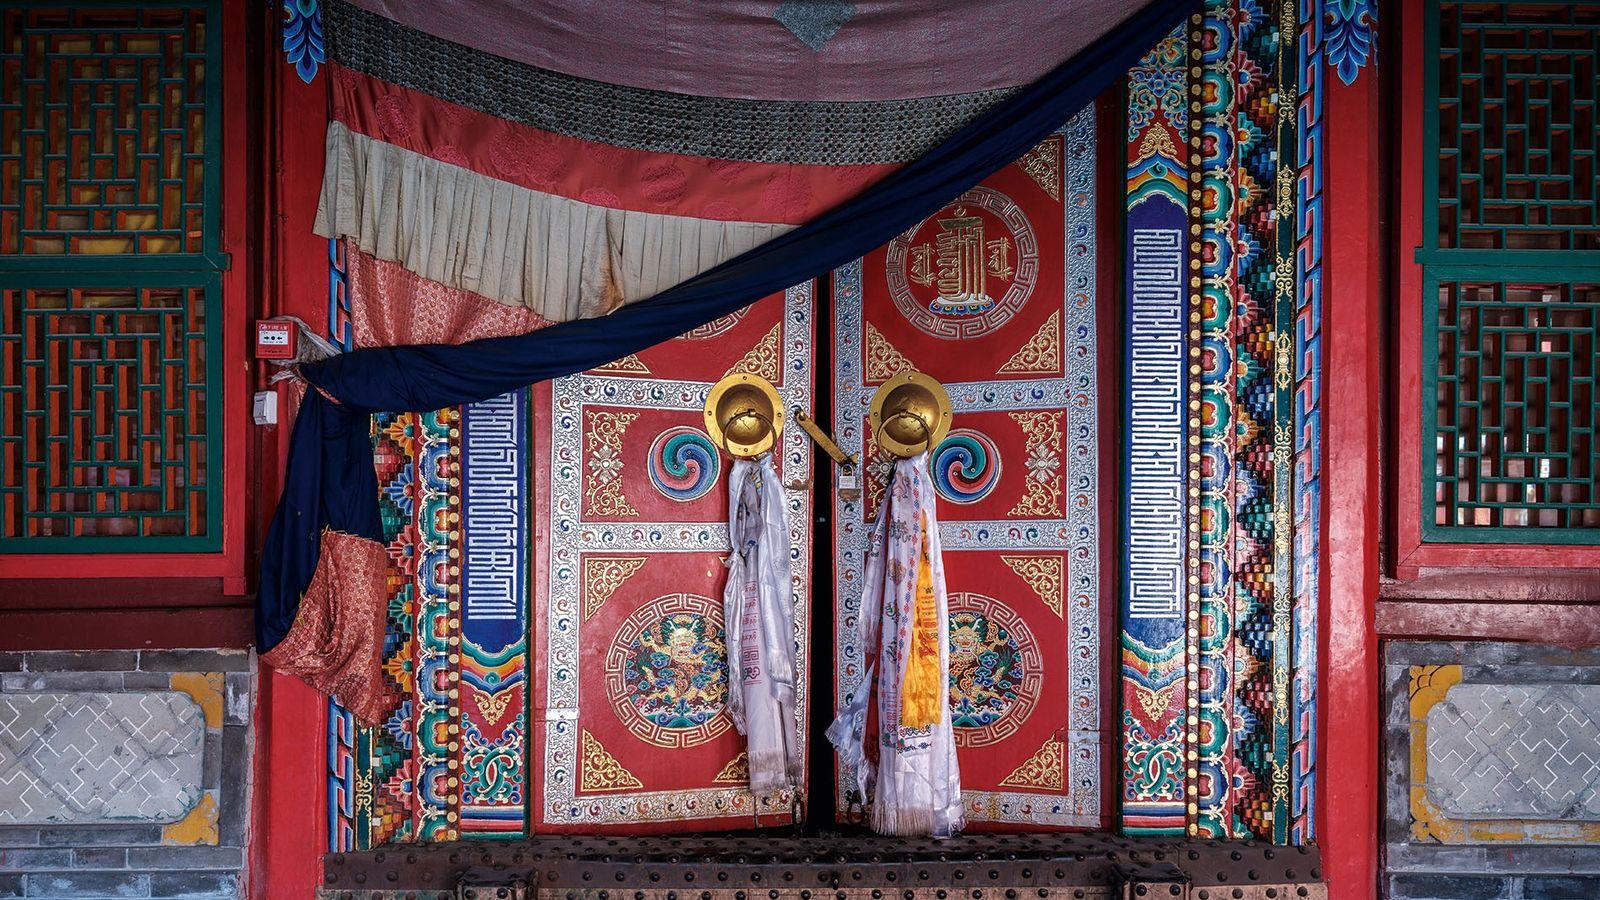 One of Kumbum monastery's many ornate doors